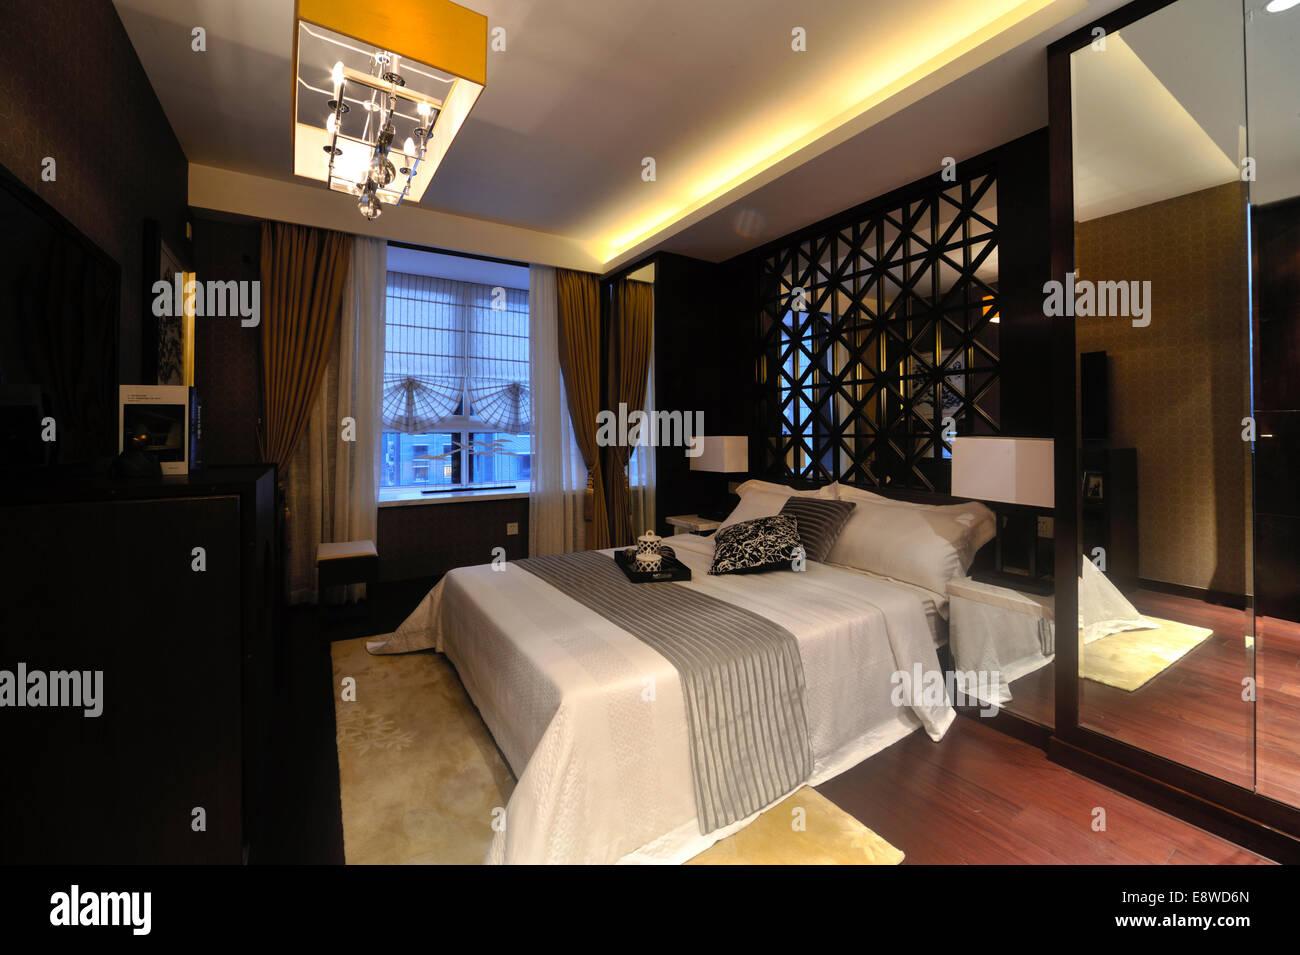 Schlafzimmer Innenraum Stockbild